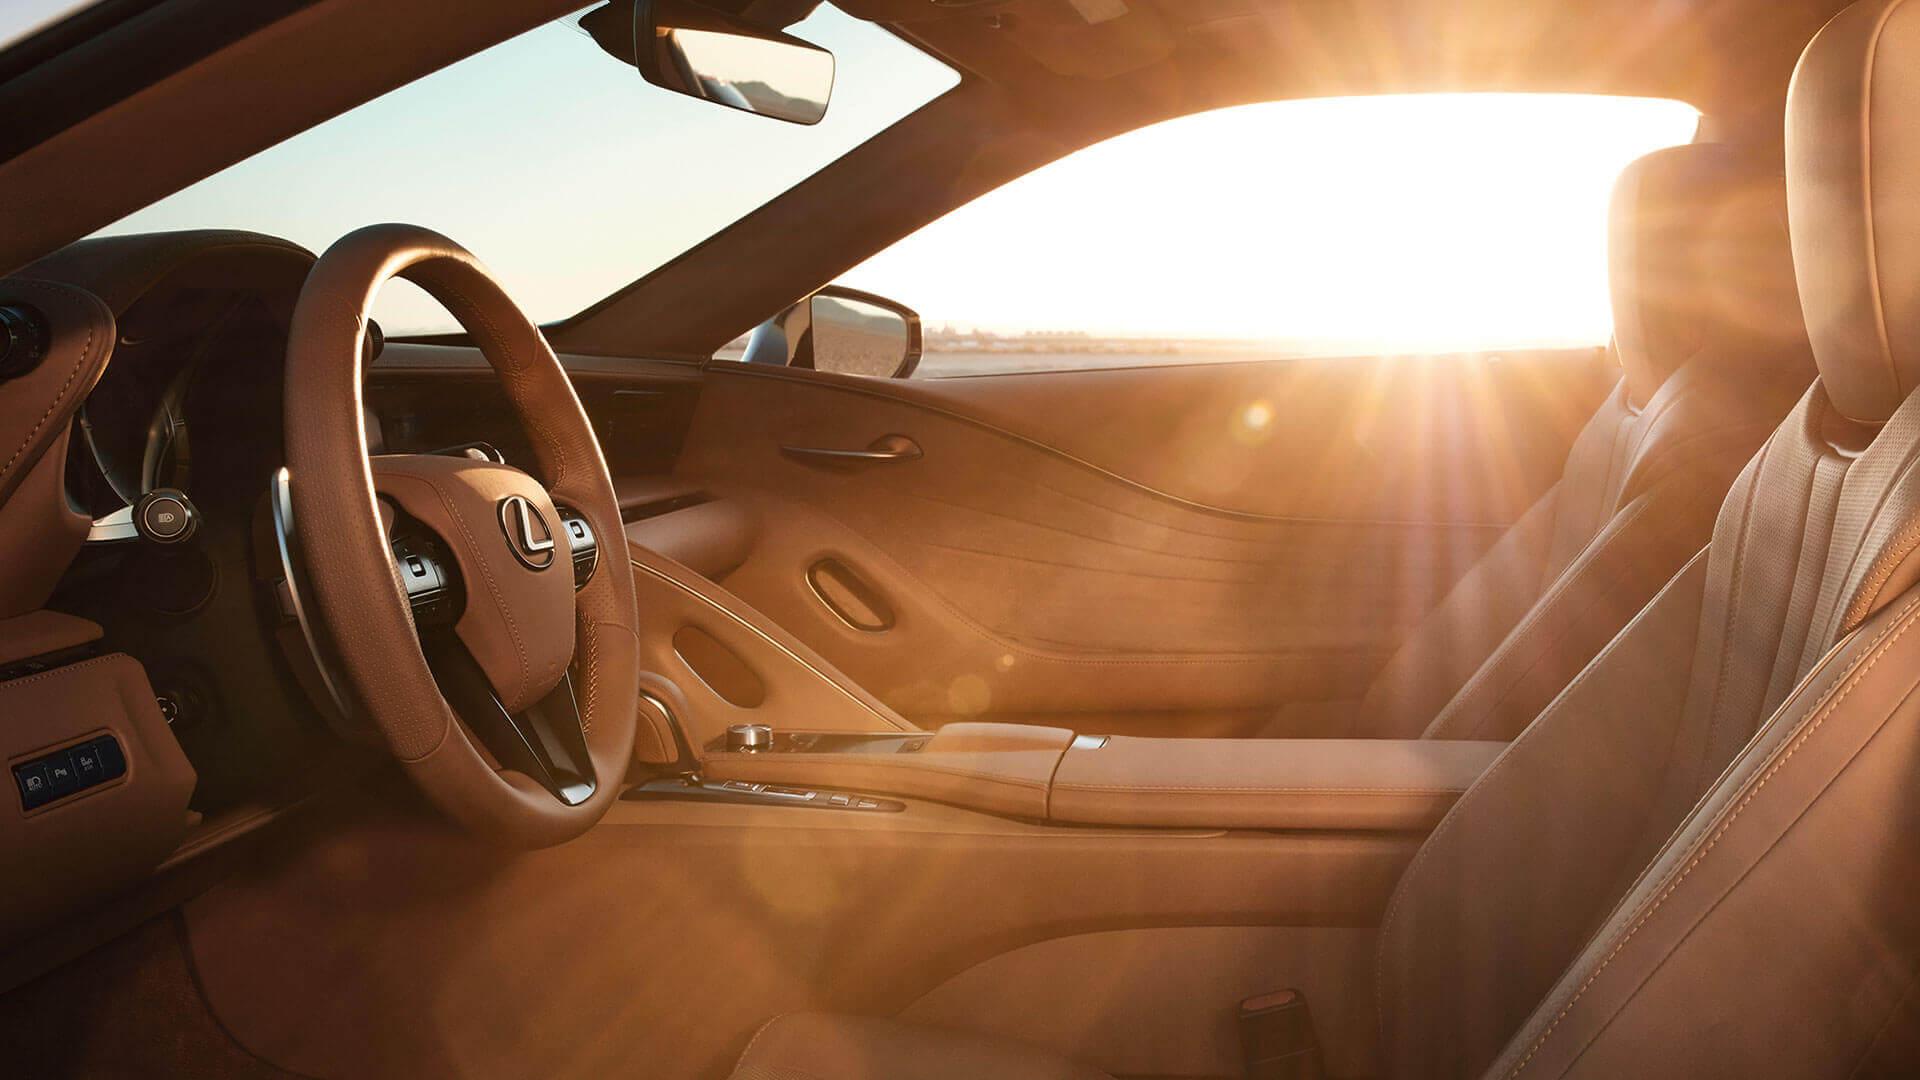 آیا کابین خودرو در فصل تابستان گازهای سمی منتشر میکند